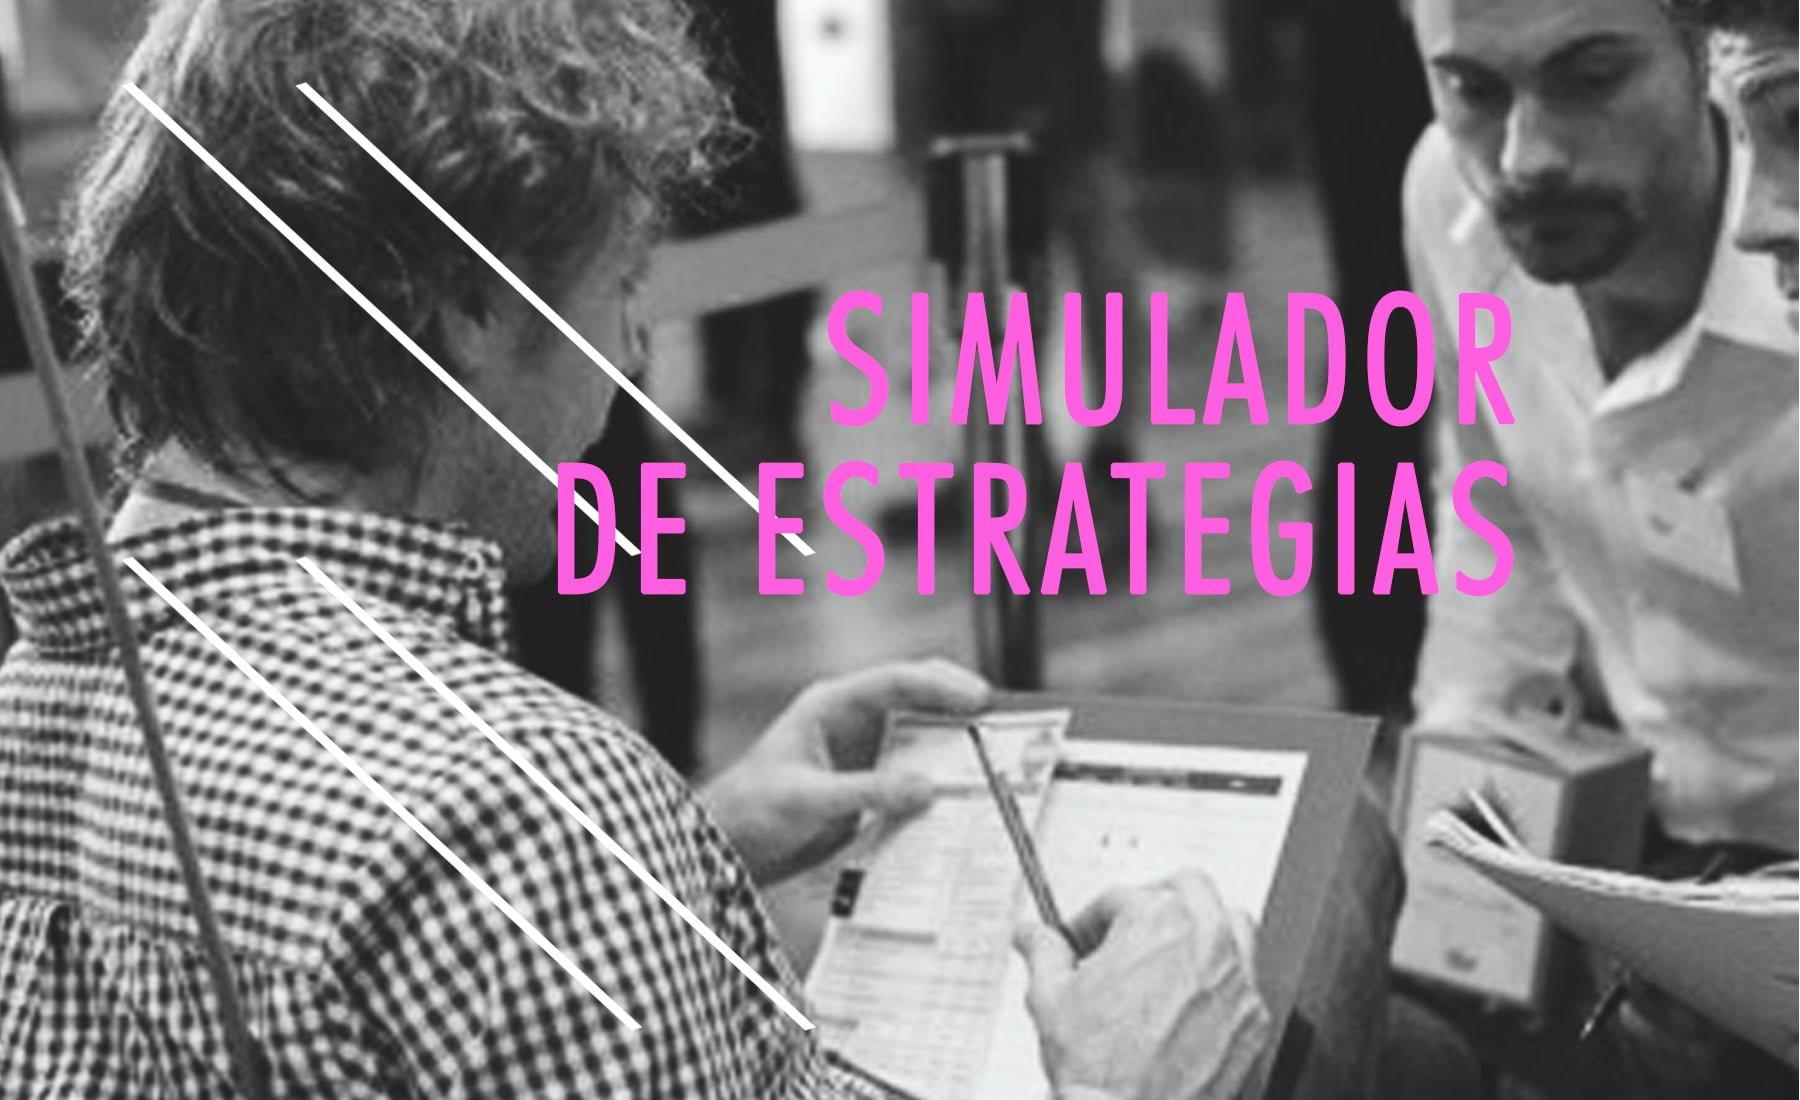 Simulador de Estrategias. Facultad de Ciencias Económicas de la Universidad de Buenos Aires